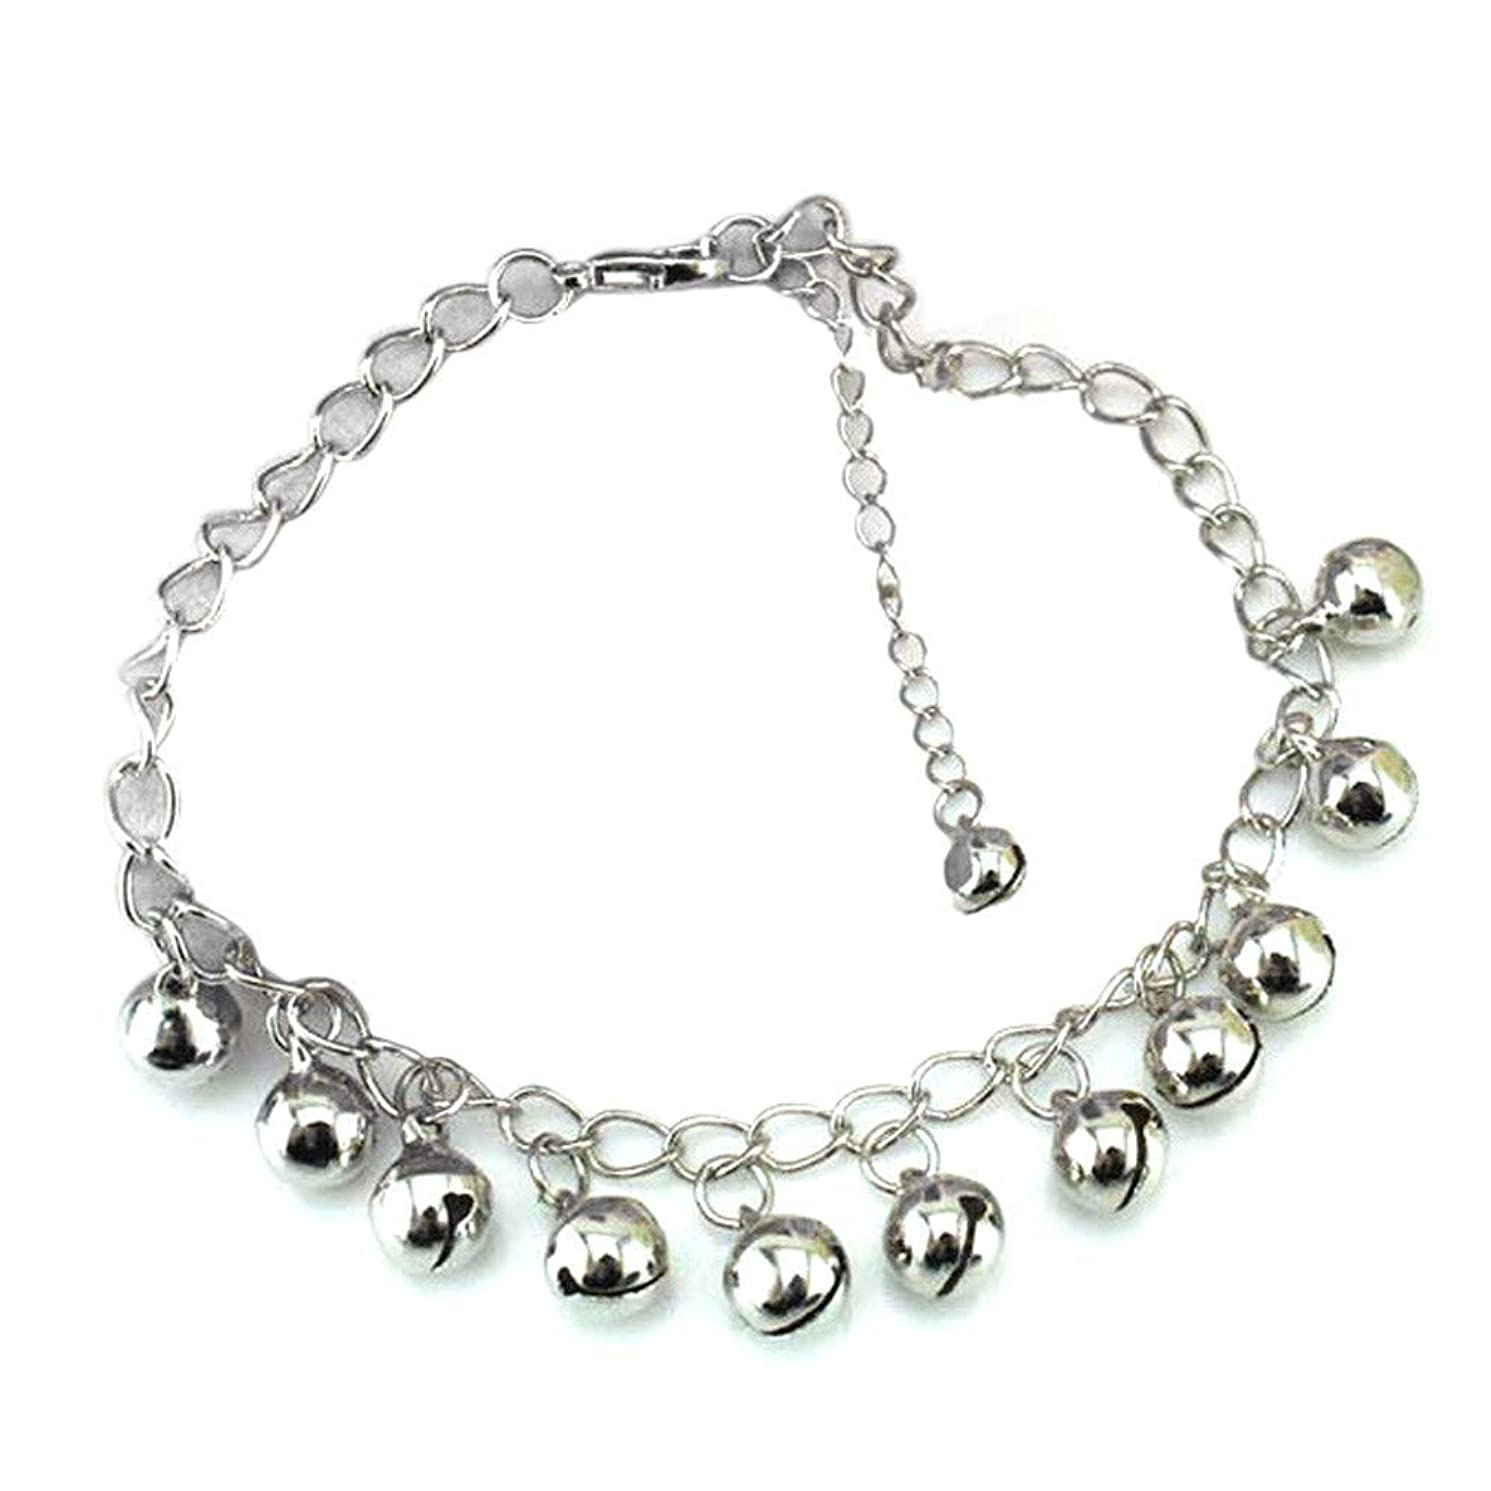 ?? Orcbee ?? _Women Bells Anklet Bracelet Sandal Barefoot Beach Foot Jewelry